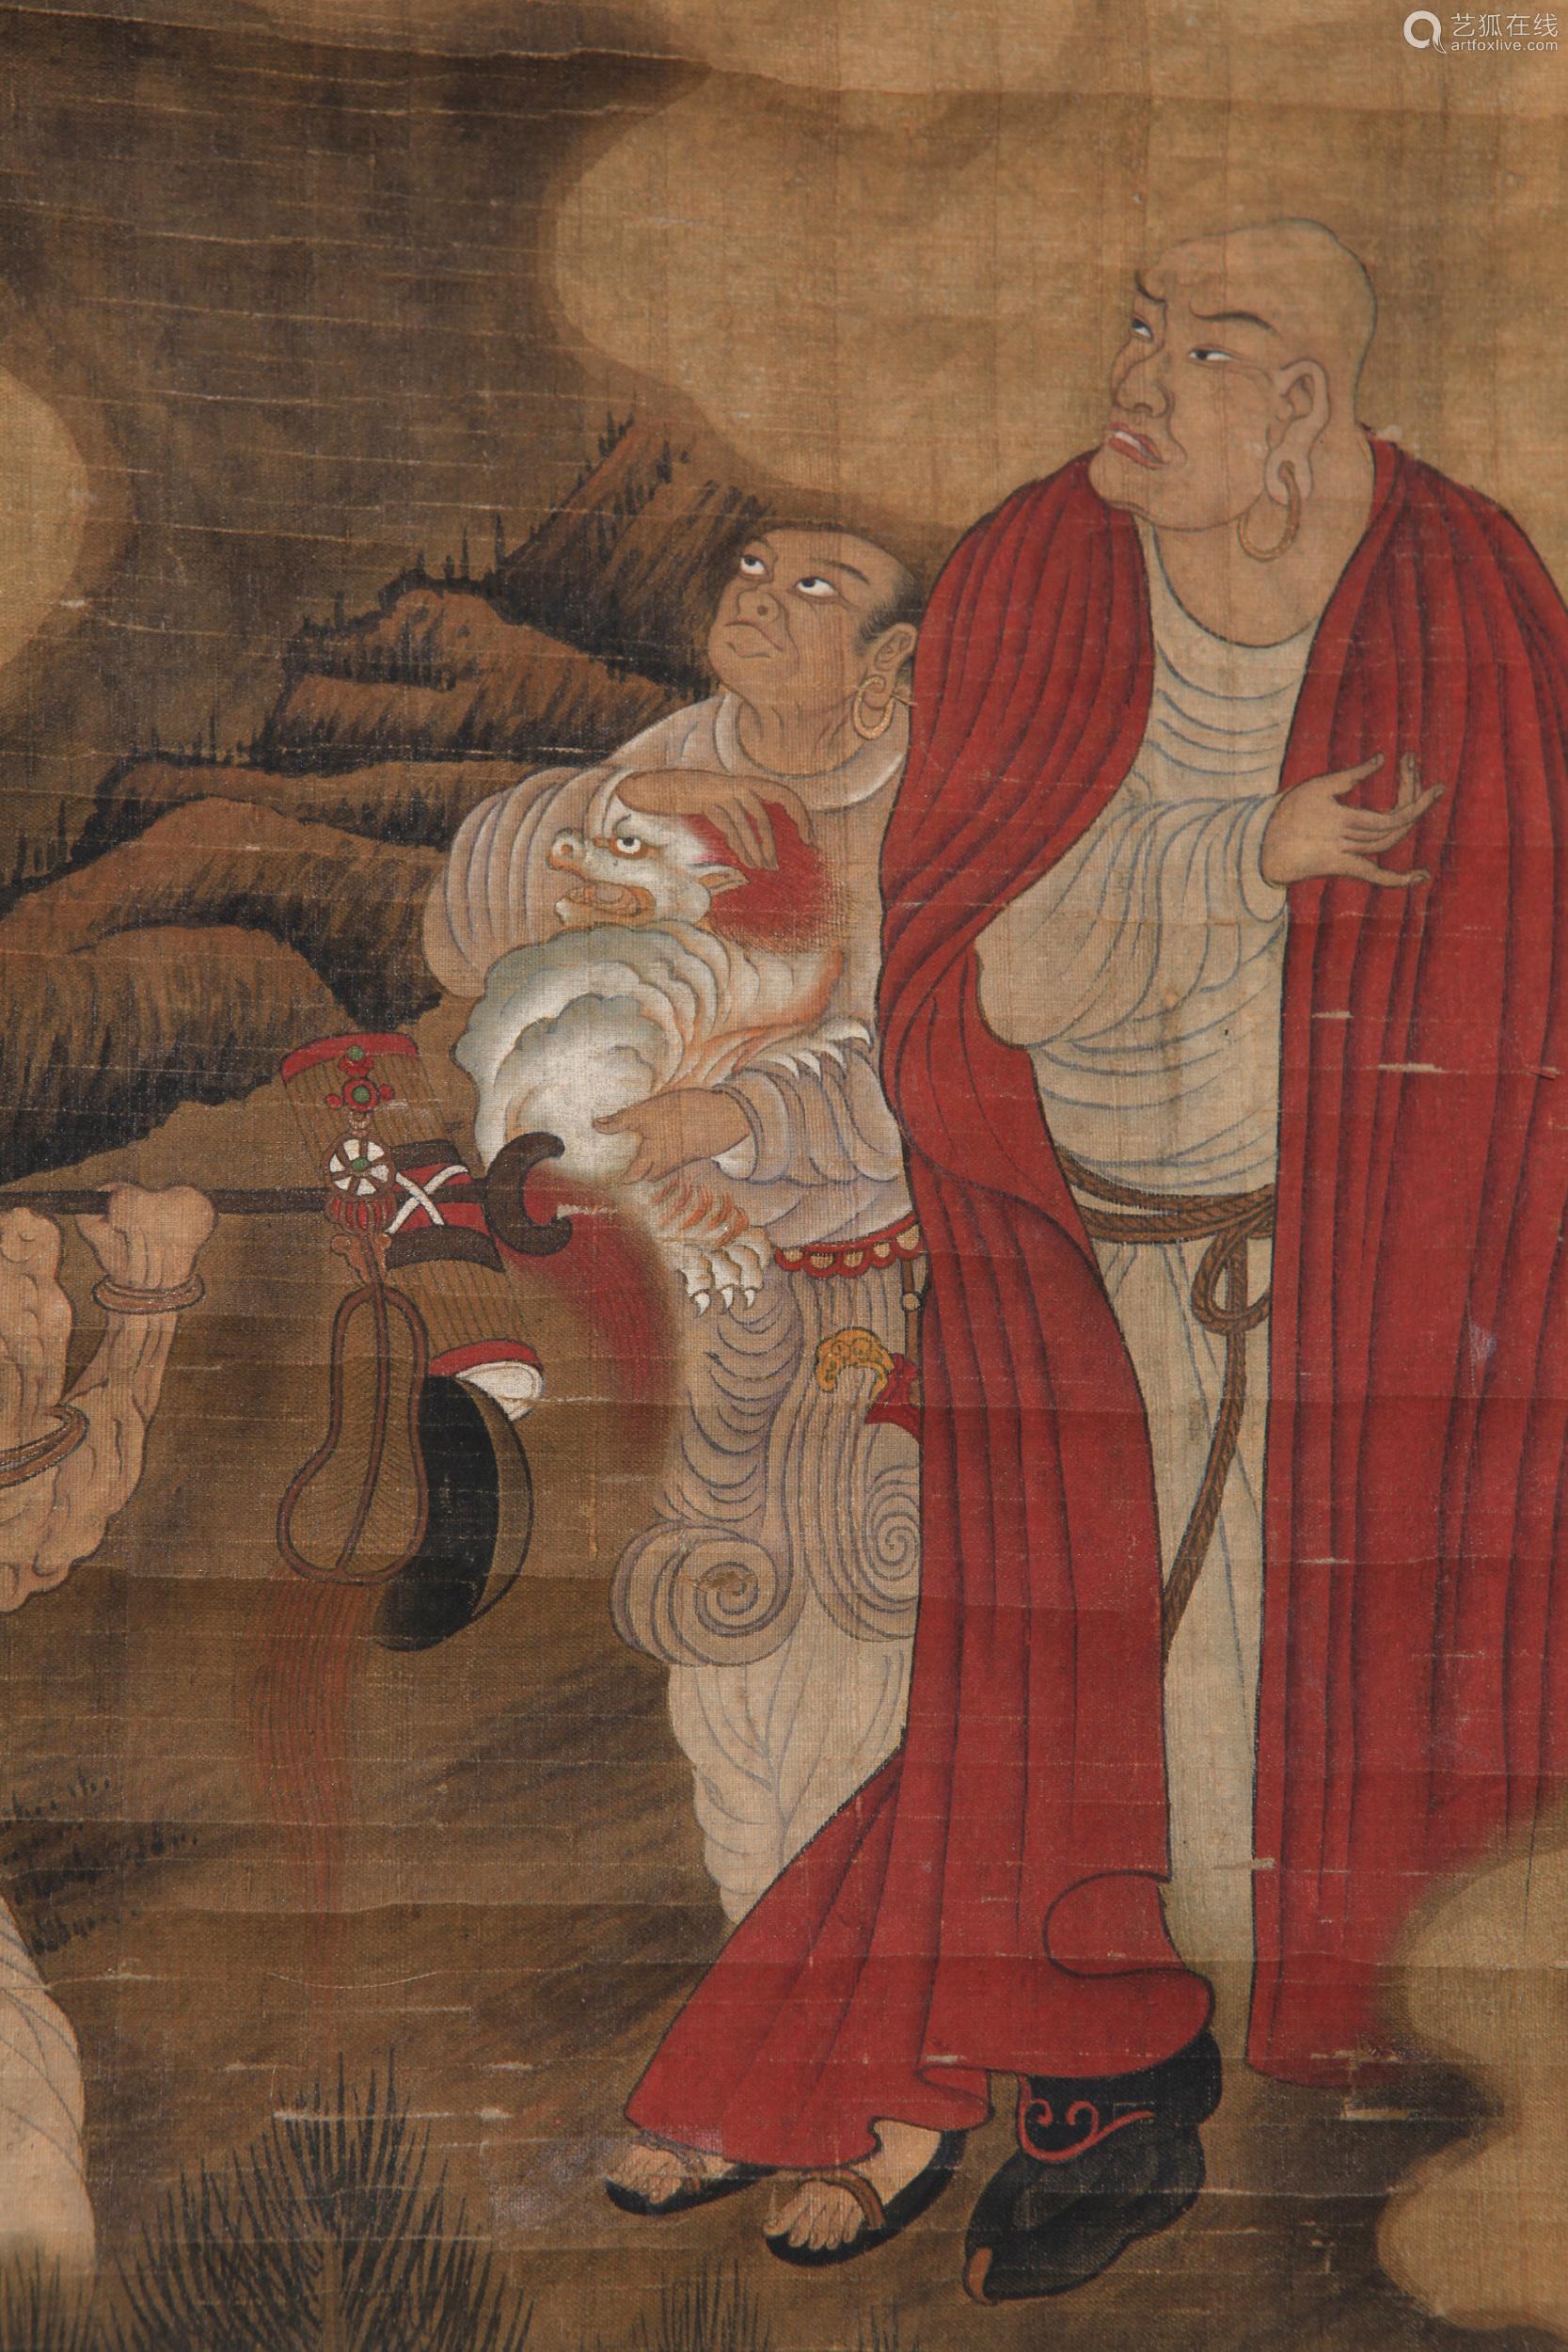 Wu Bin - Painting of Buddhas